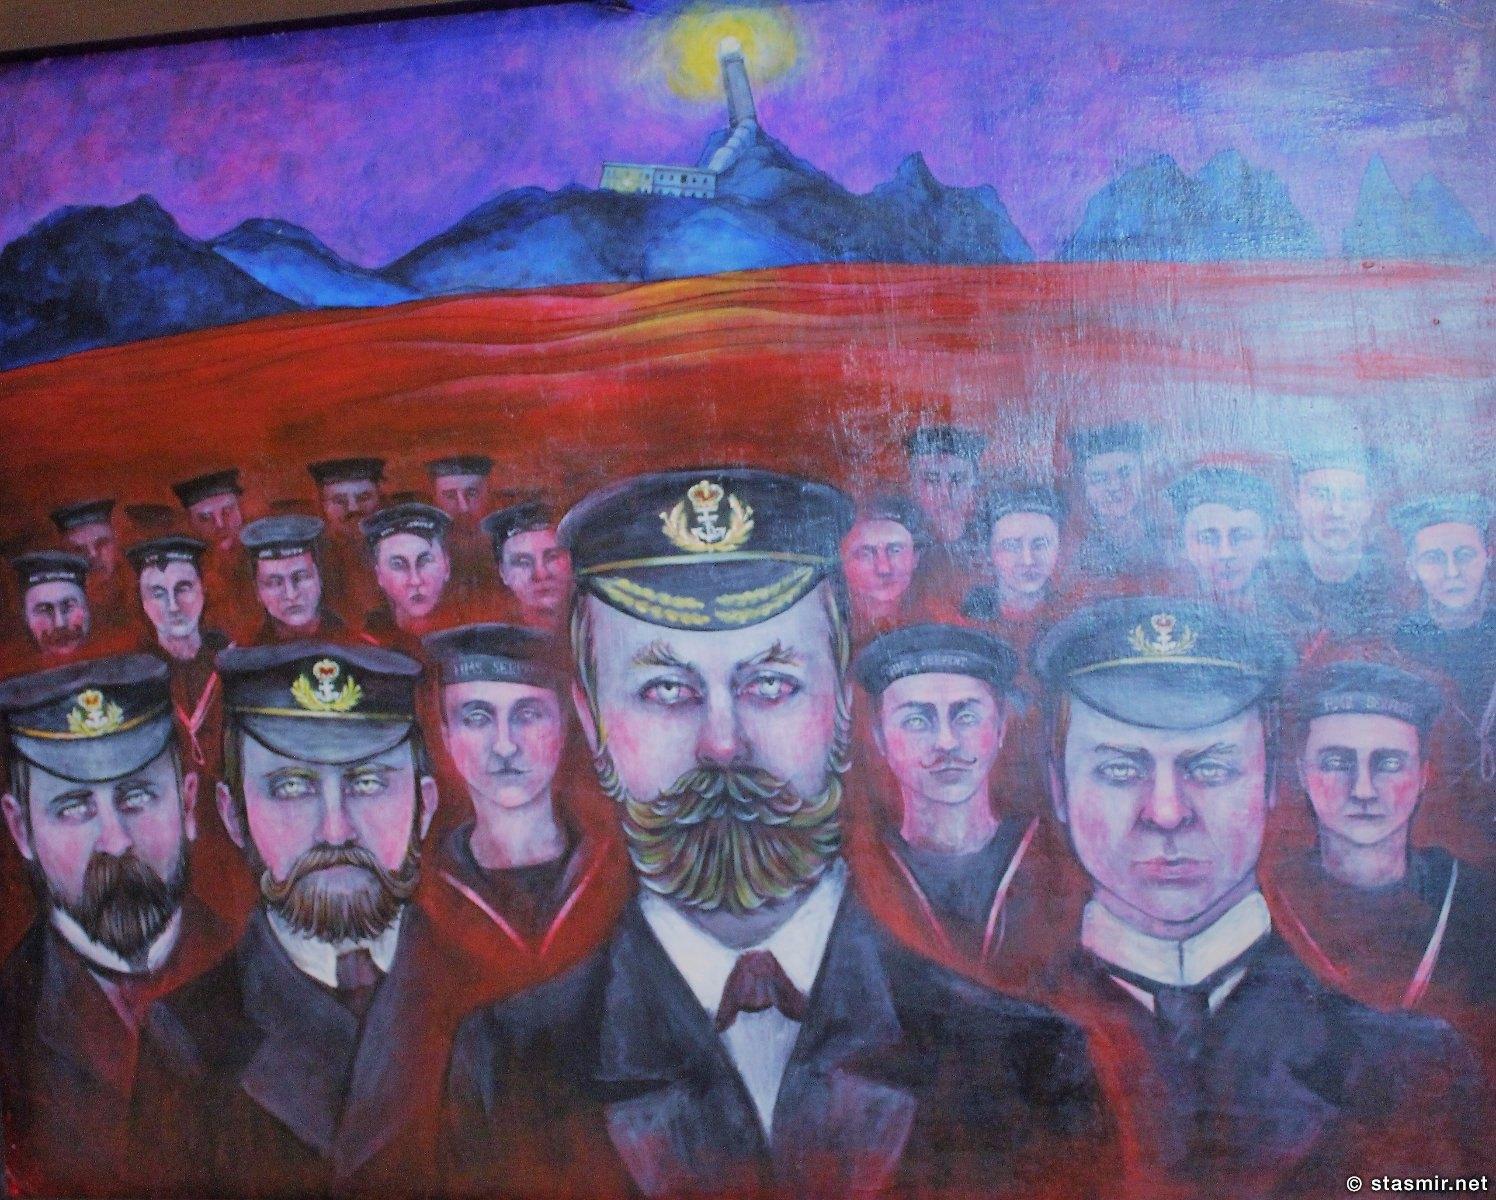 картина молдавской художницы Natasha Lelenko на краю земли в Галисии посавящена утонувшим морякам, фото Стасмир, photo Stasmir